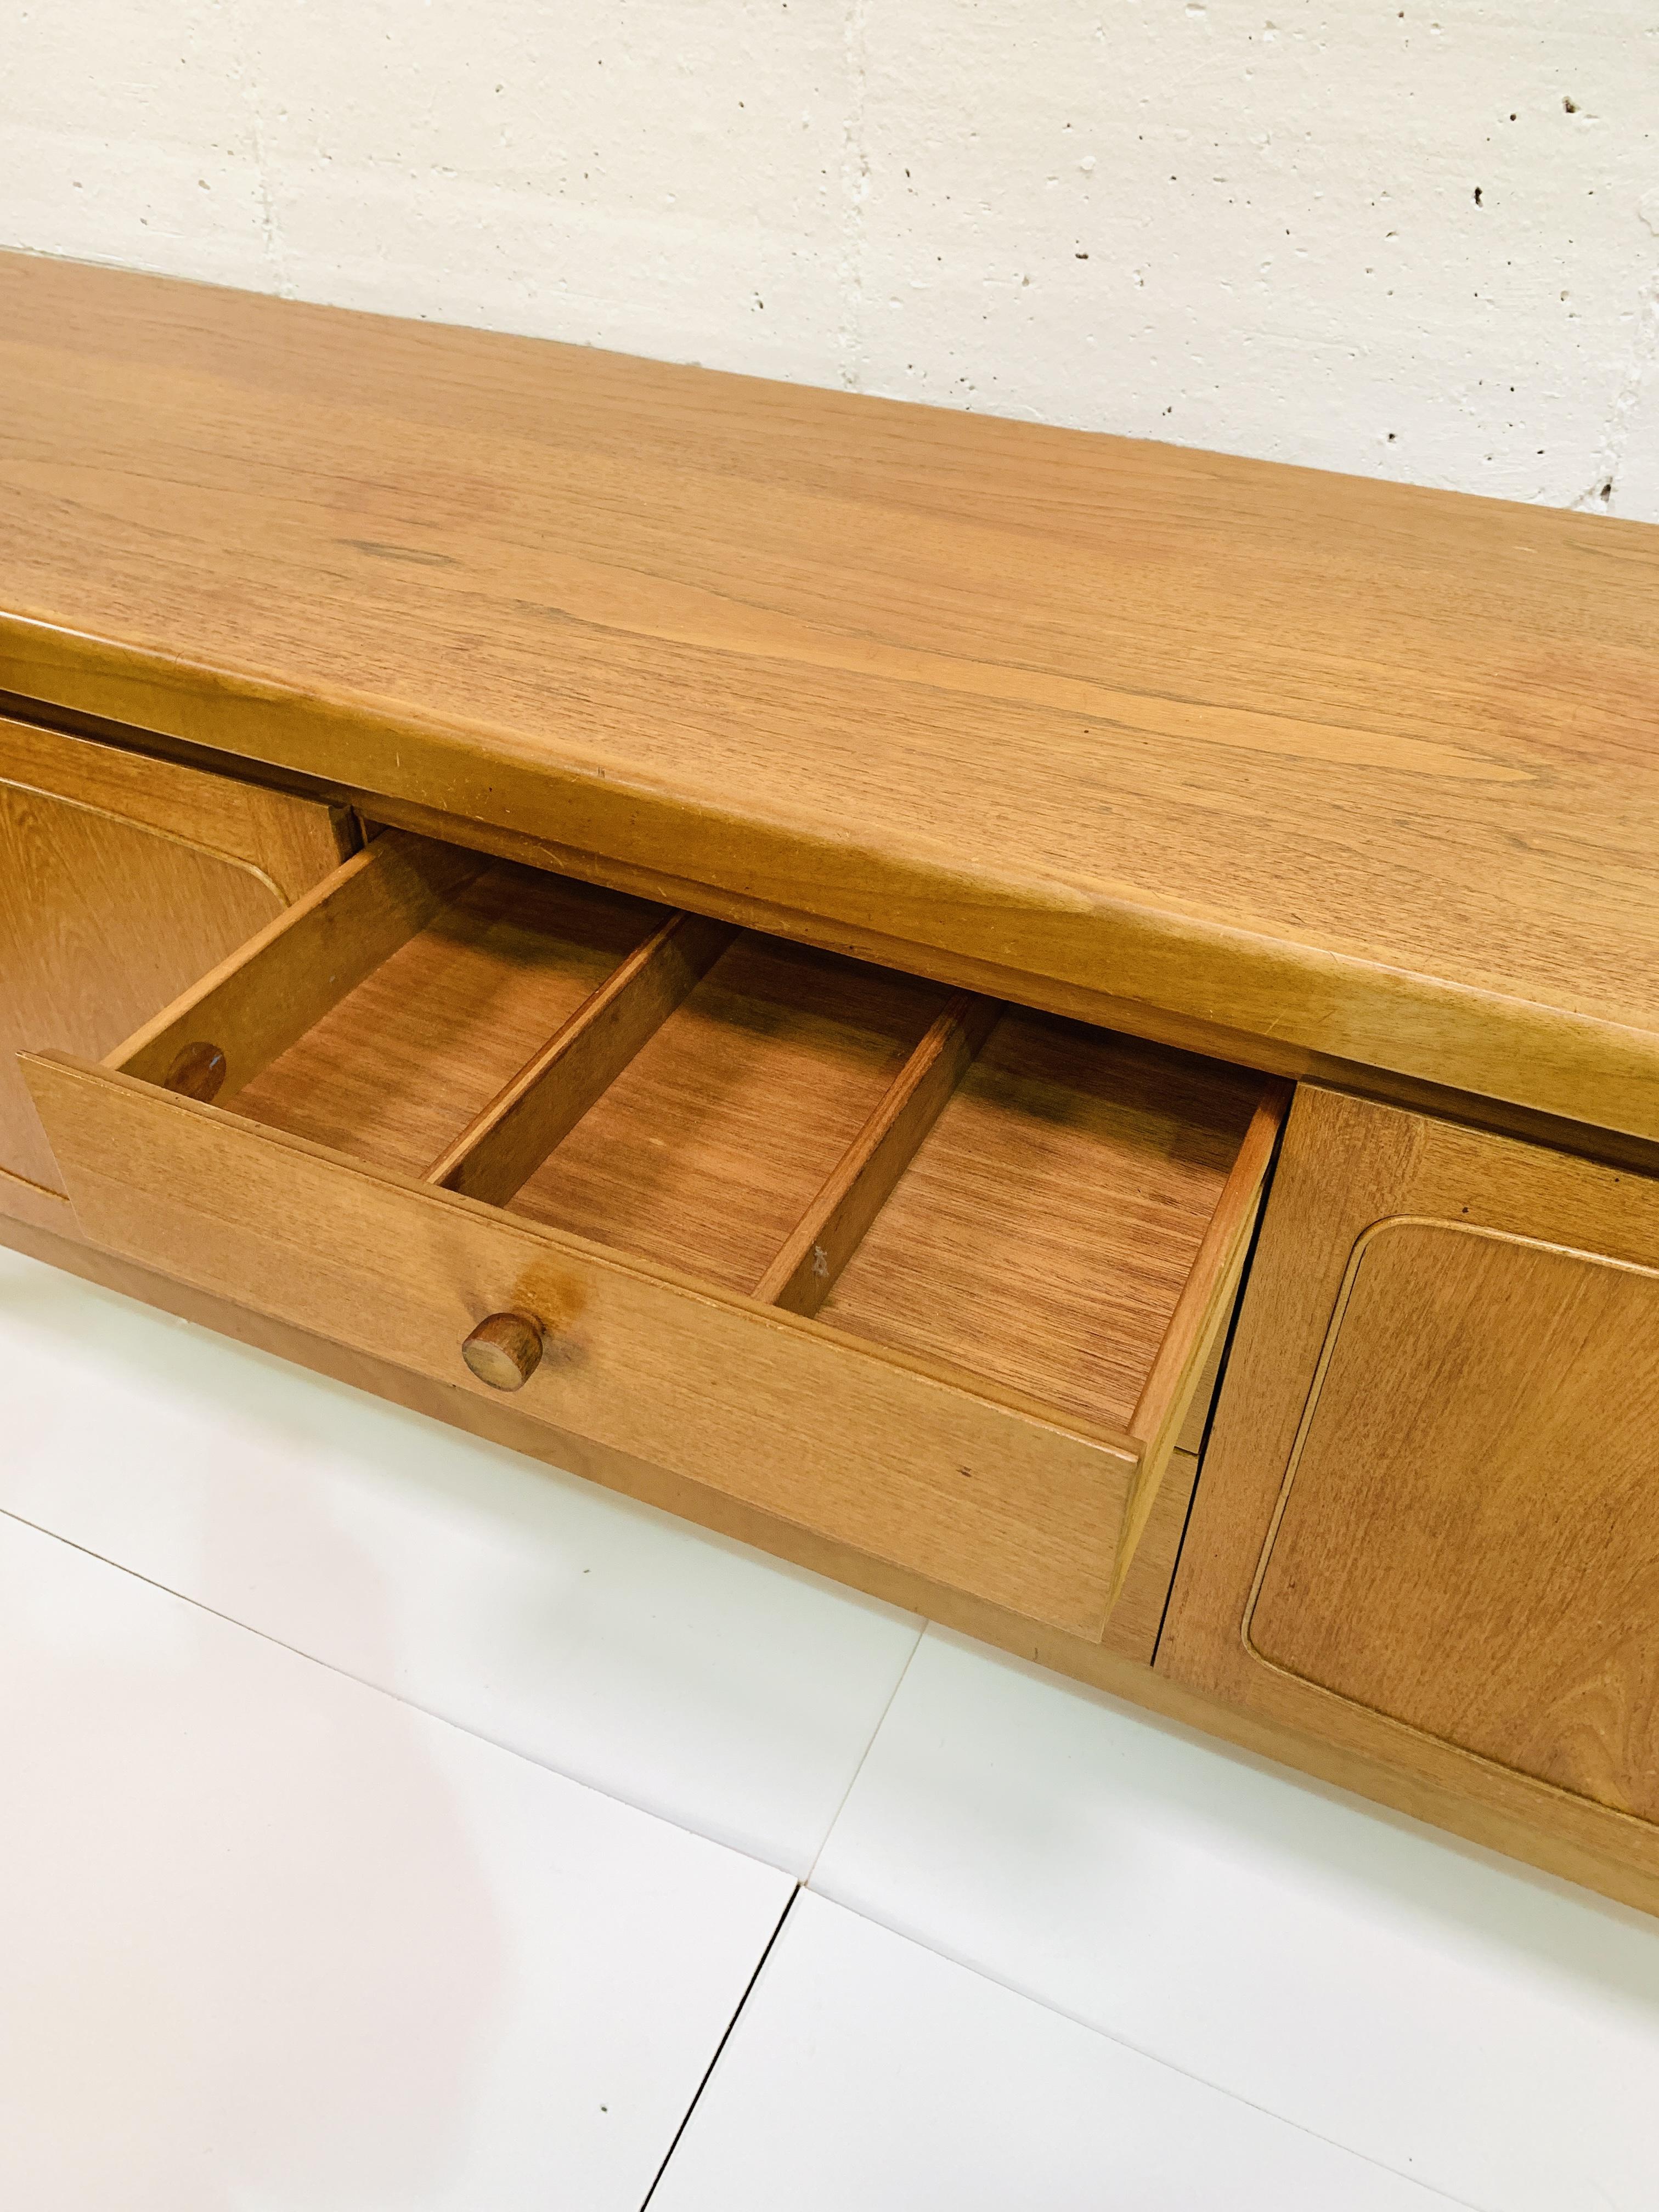 1970's teak sideboard - Image 4 of 6